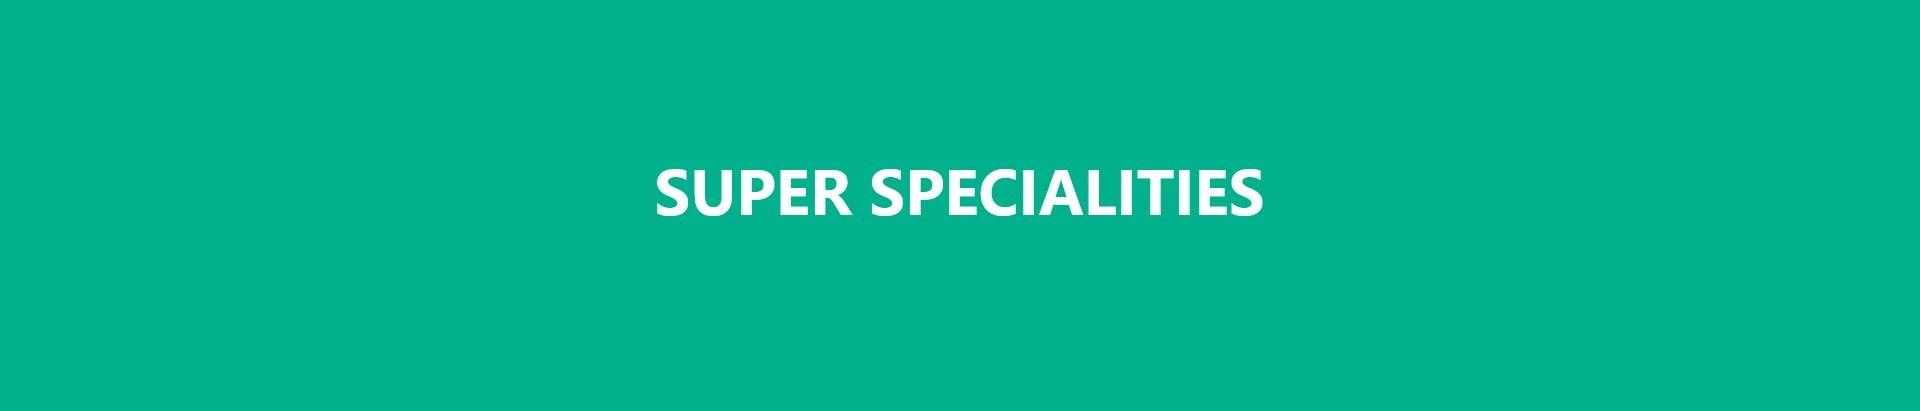 SUPER-SPECIALITIES